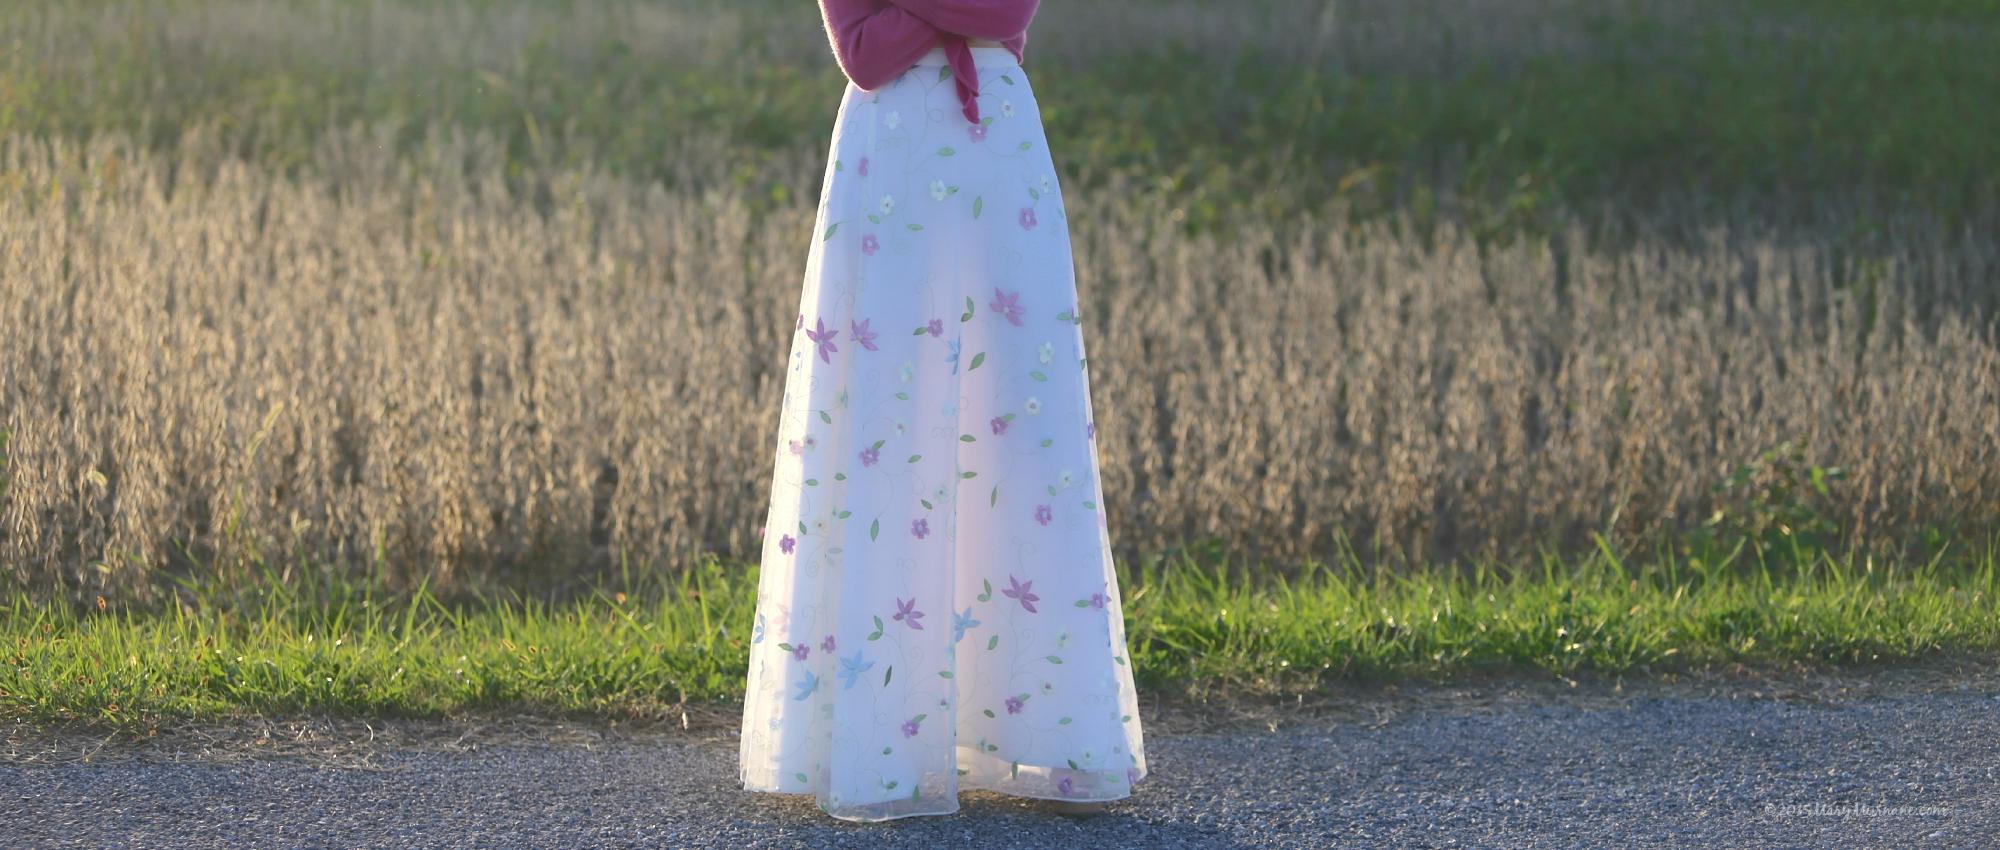 Tulle skirt bottom half